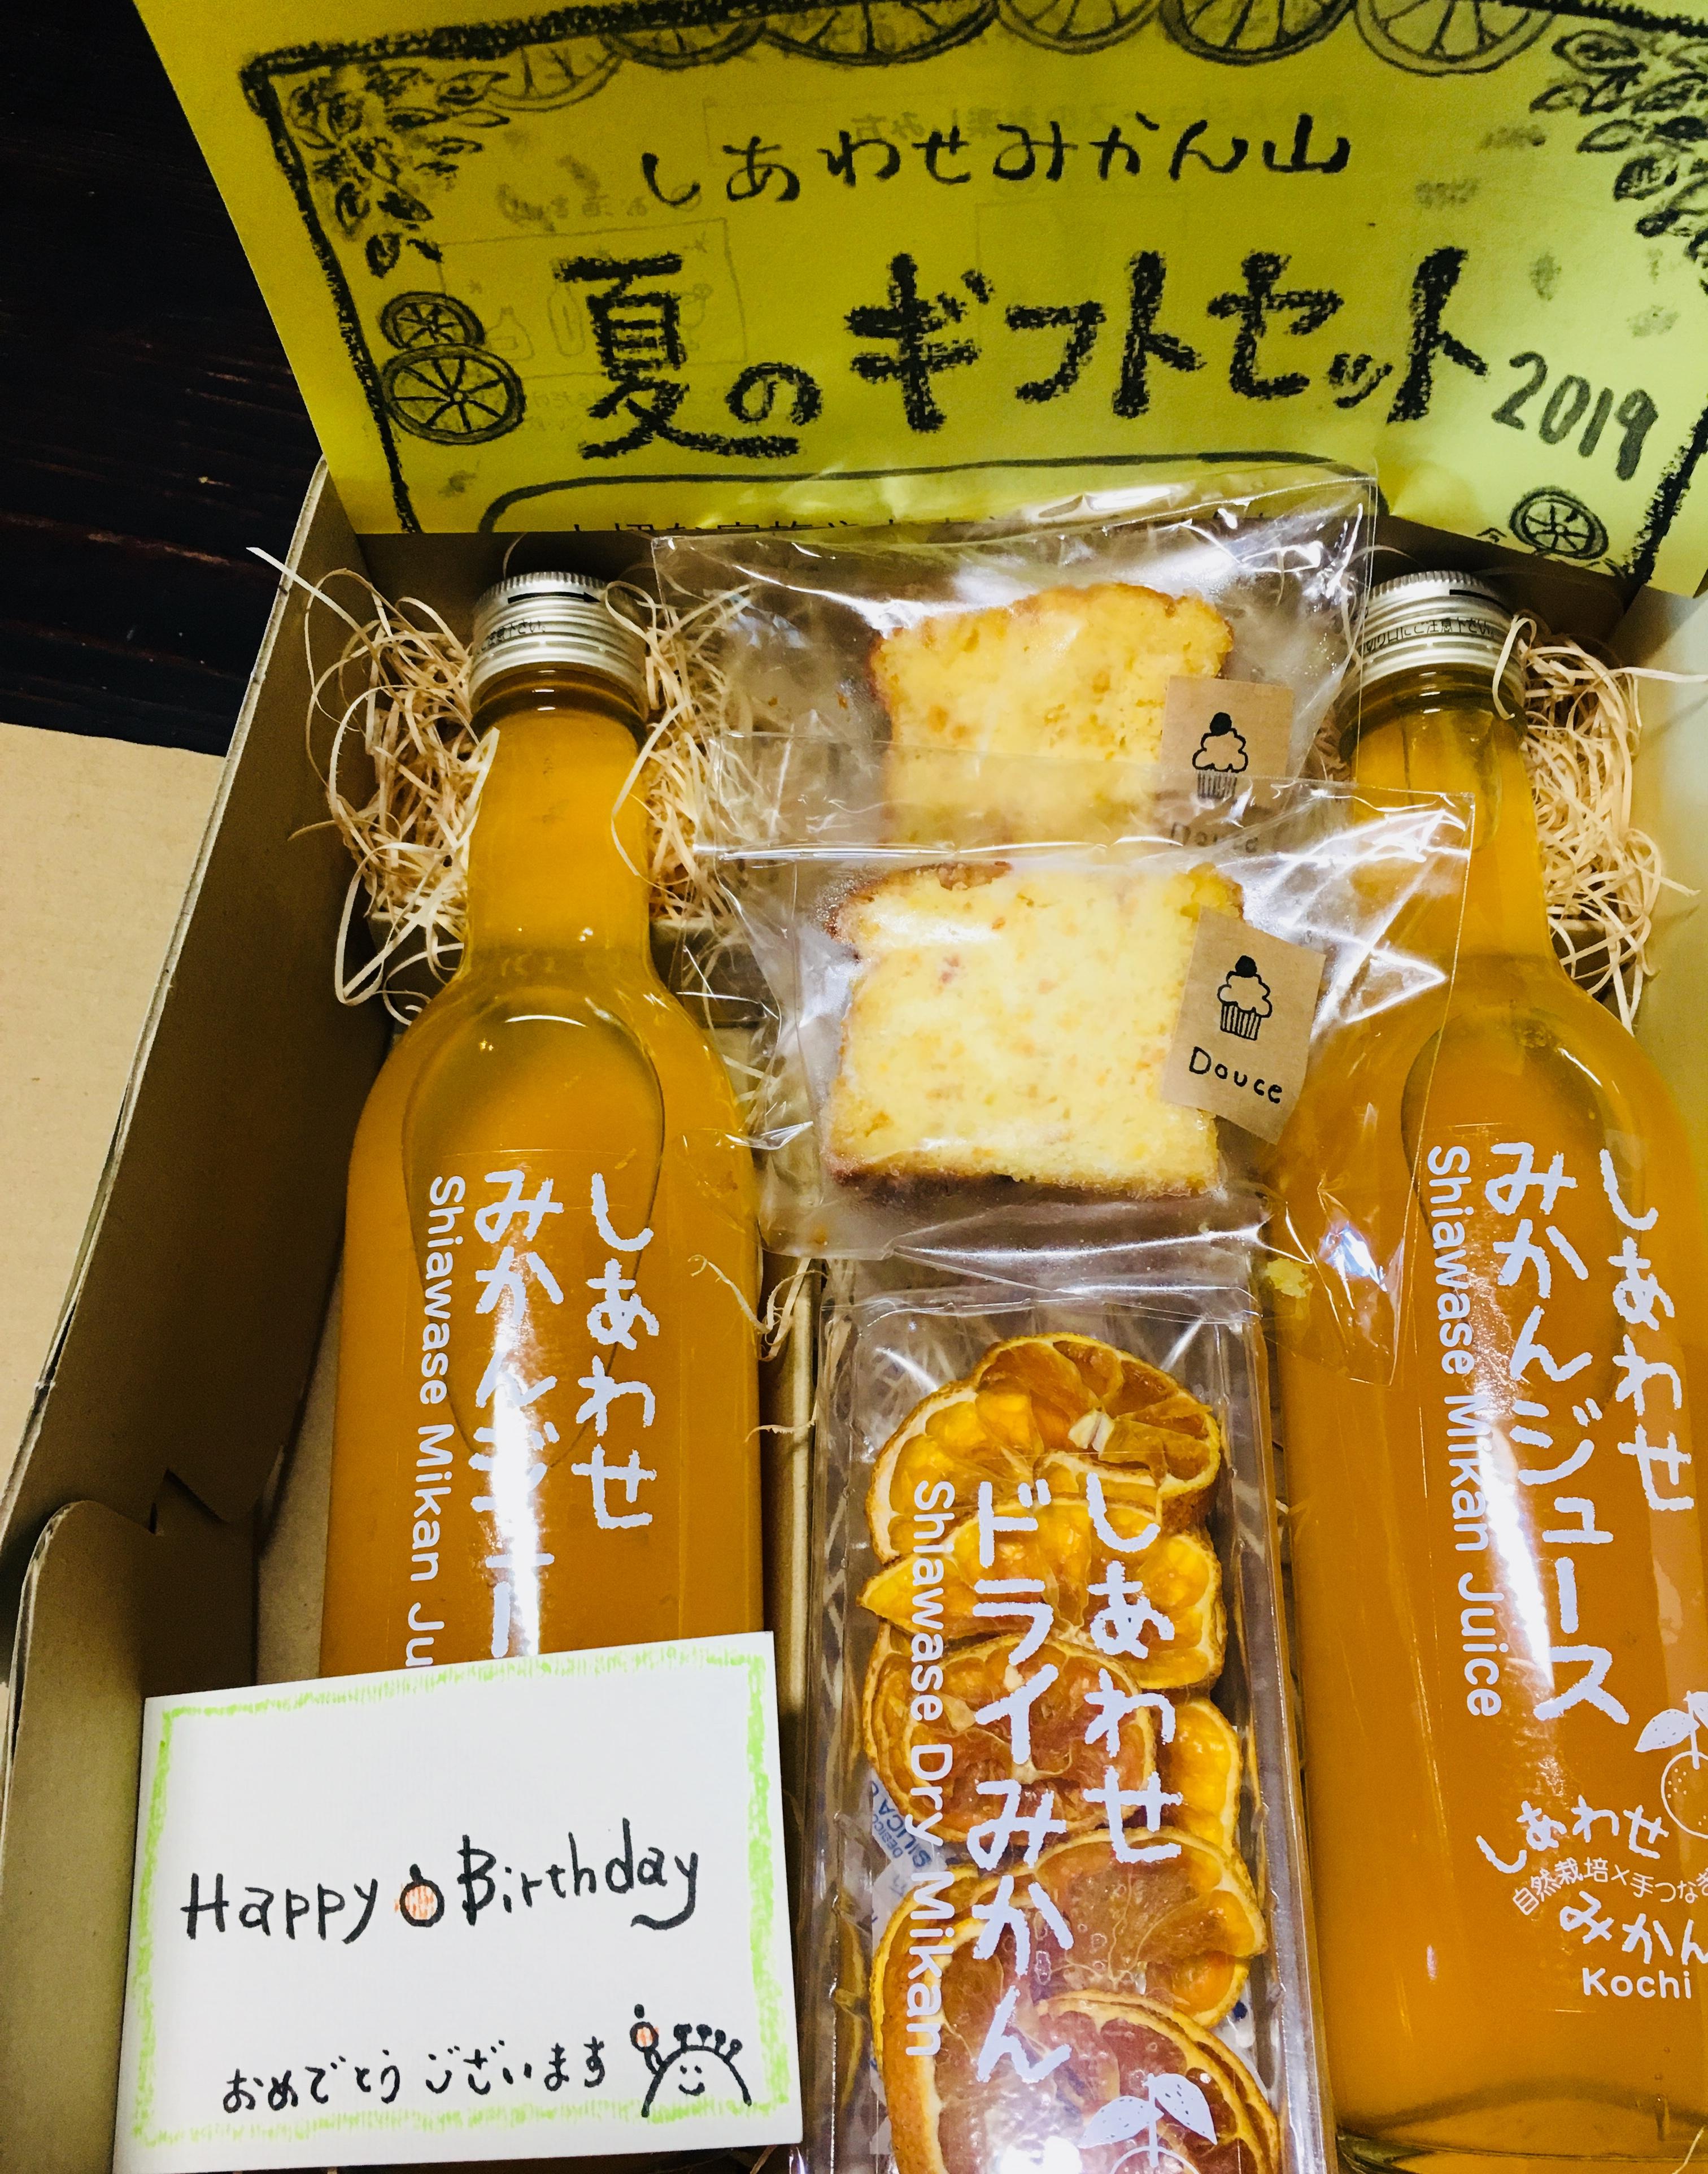 「誕生日プレゼントに♪」